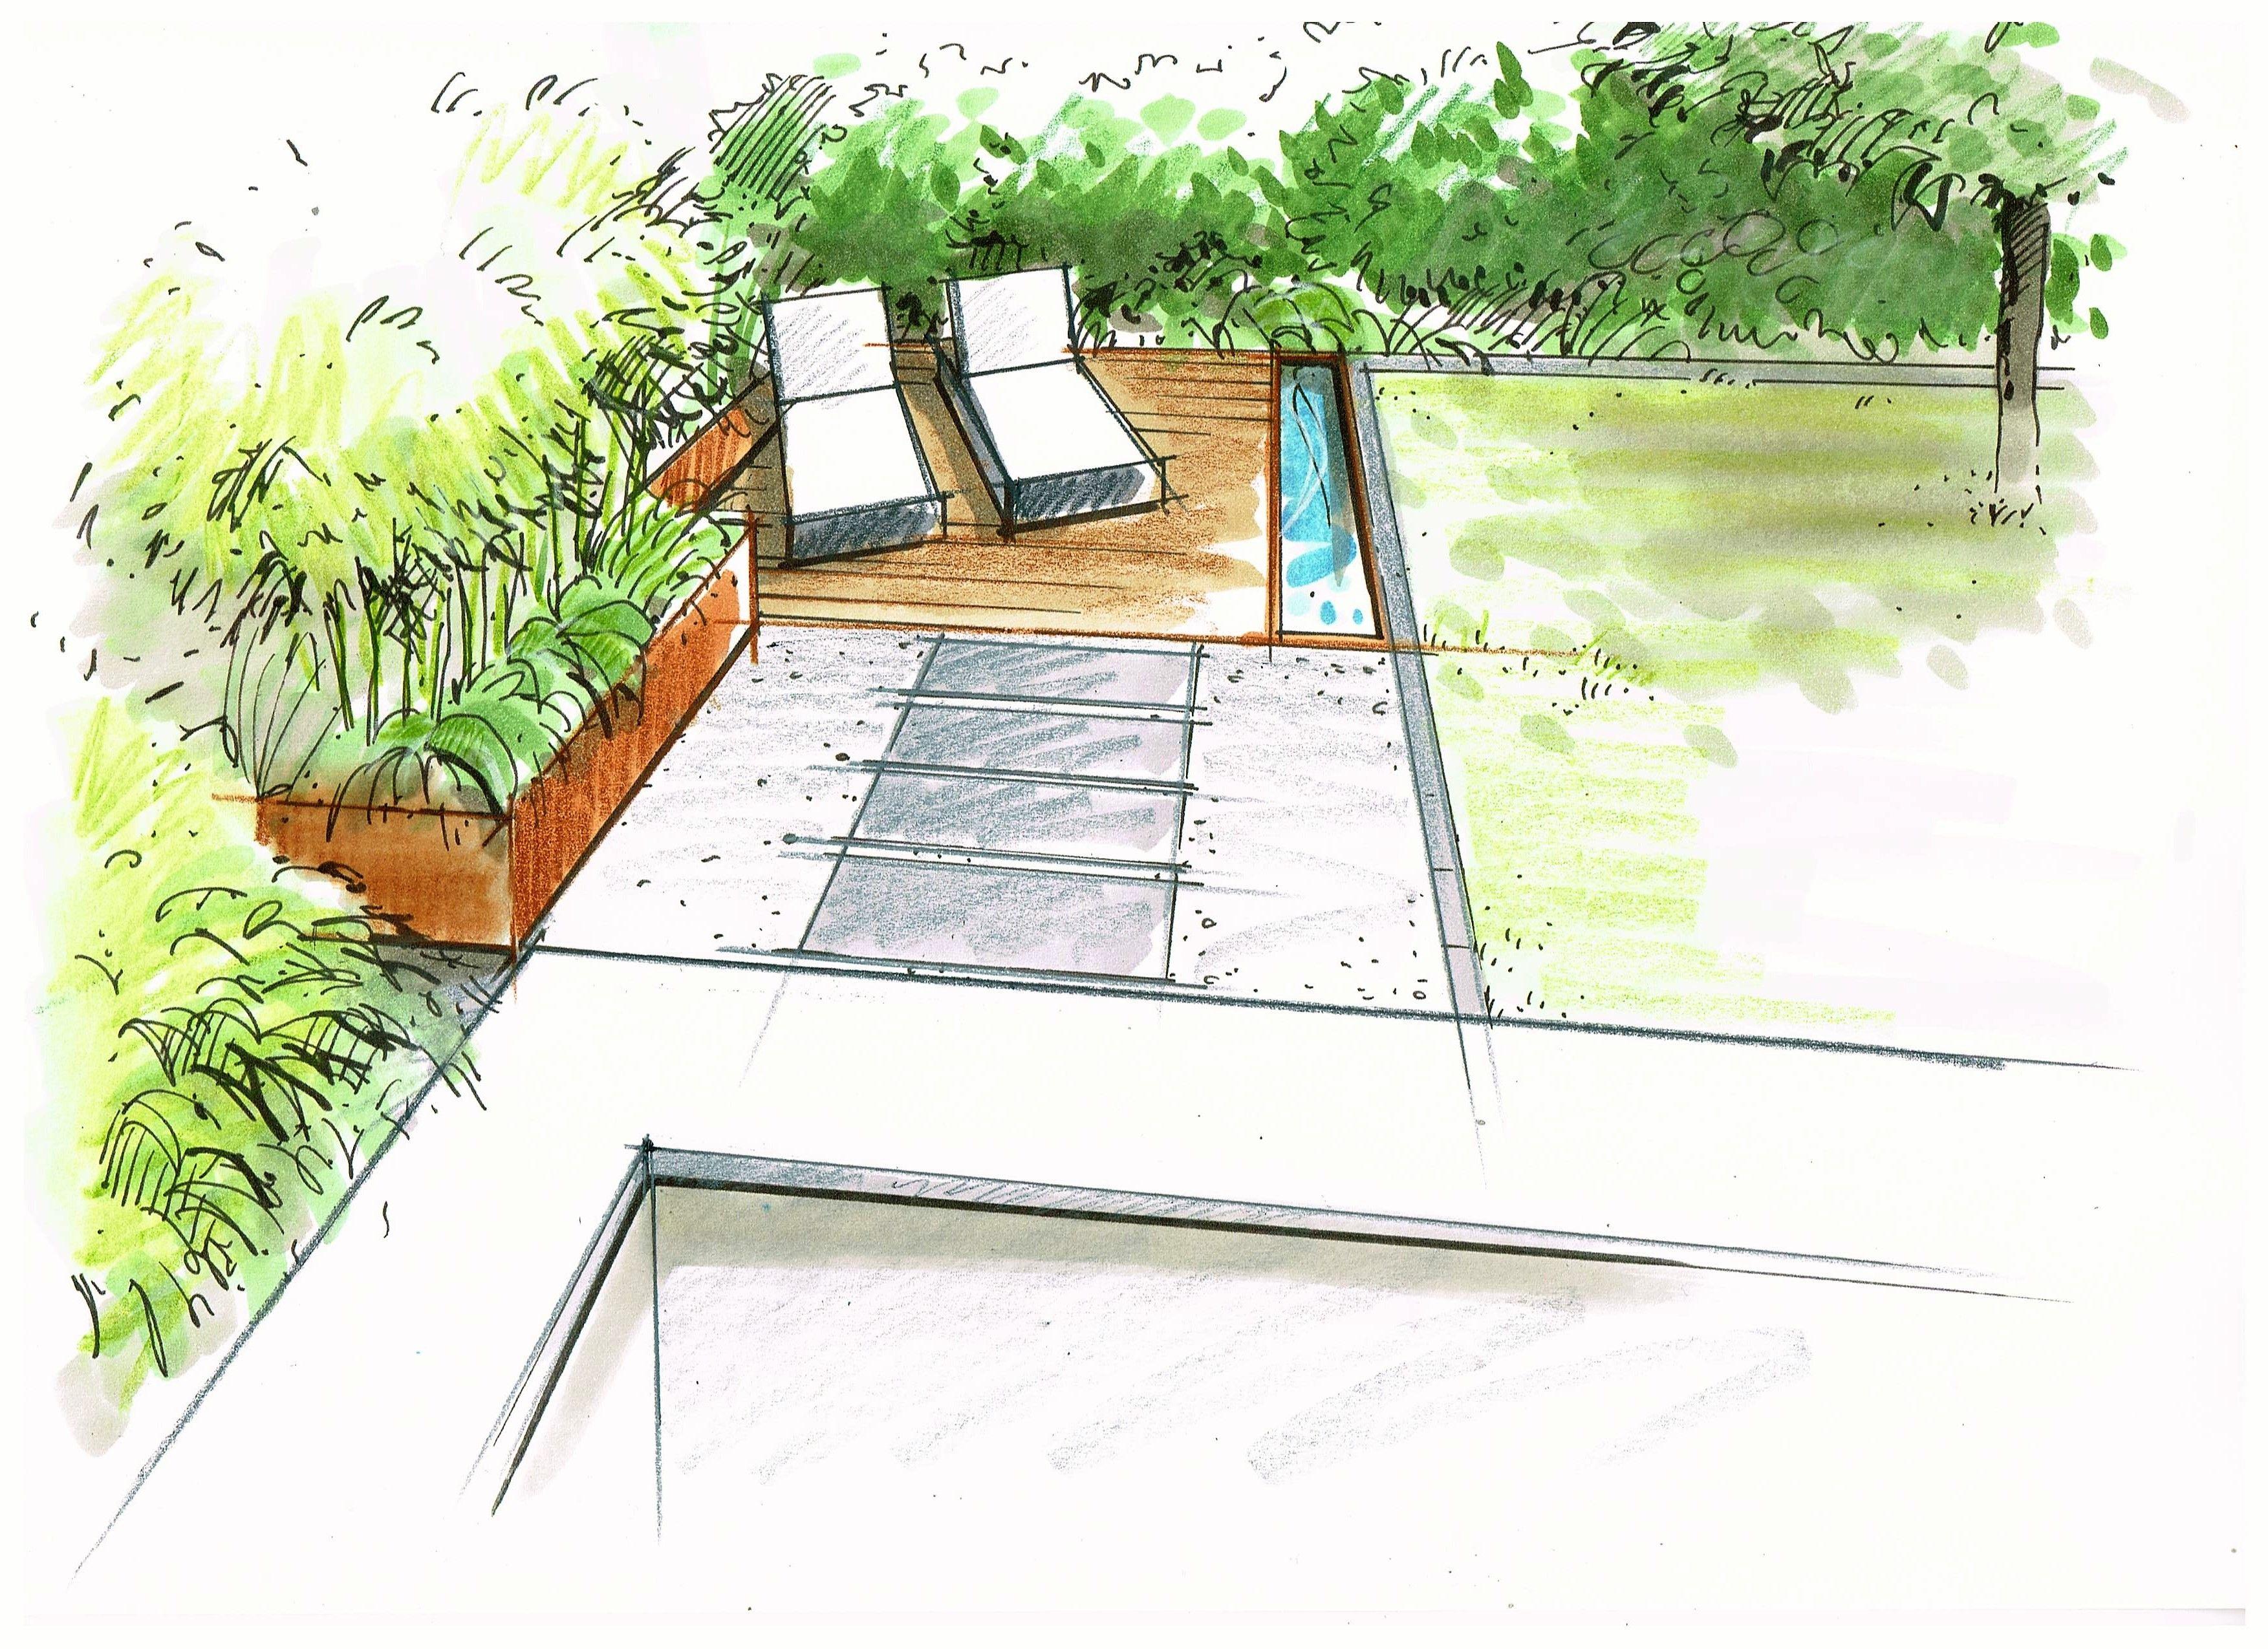 Perspektive Sitzecke Wasserbecken Garten Anne Munstermann Moderne Landschaftsgestaltung Garten Wasserbecken Garten